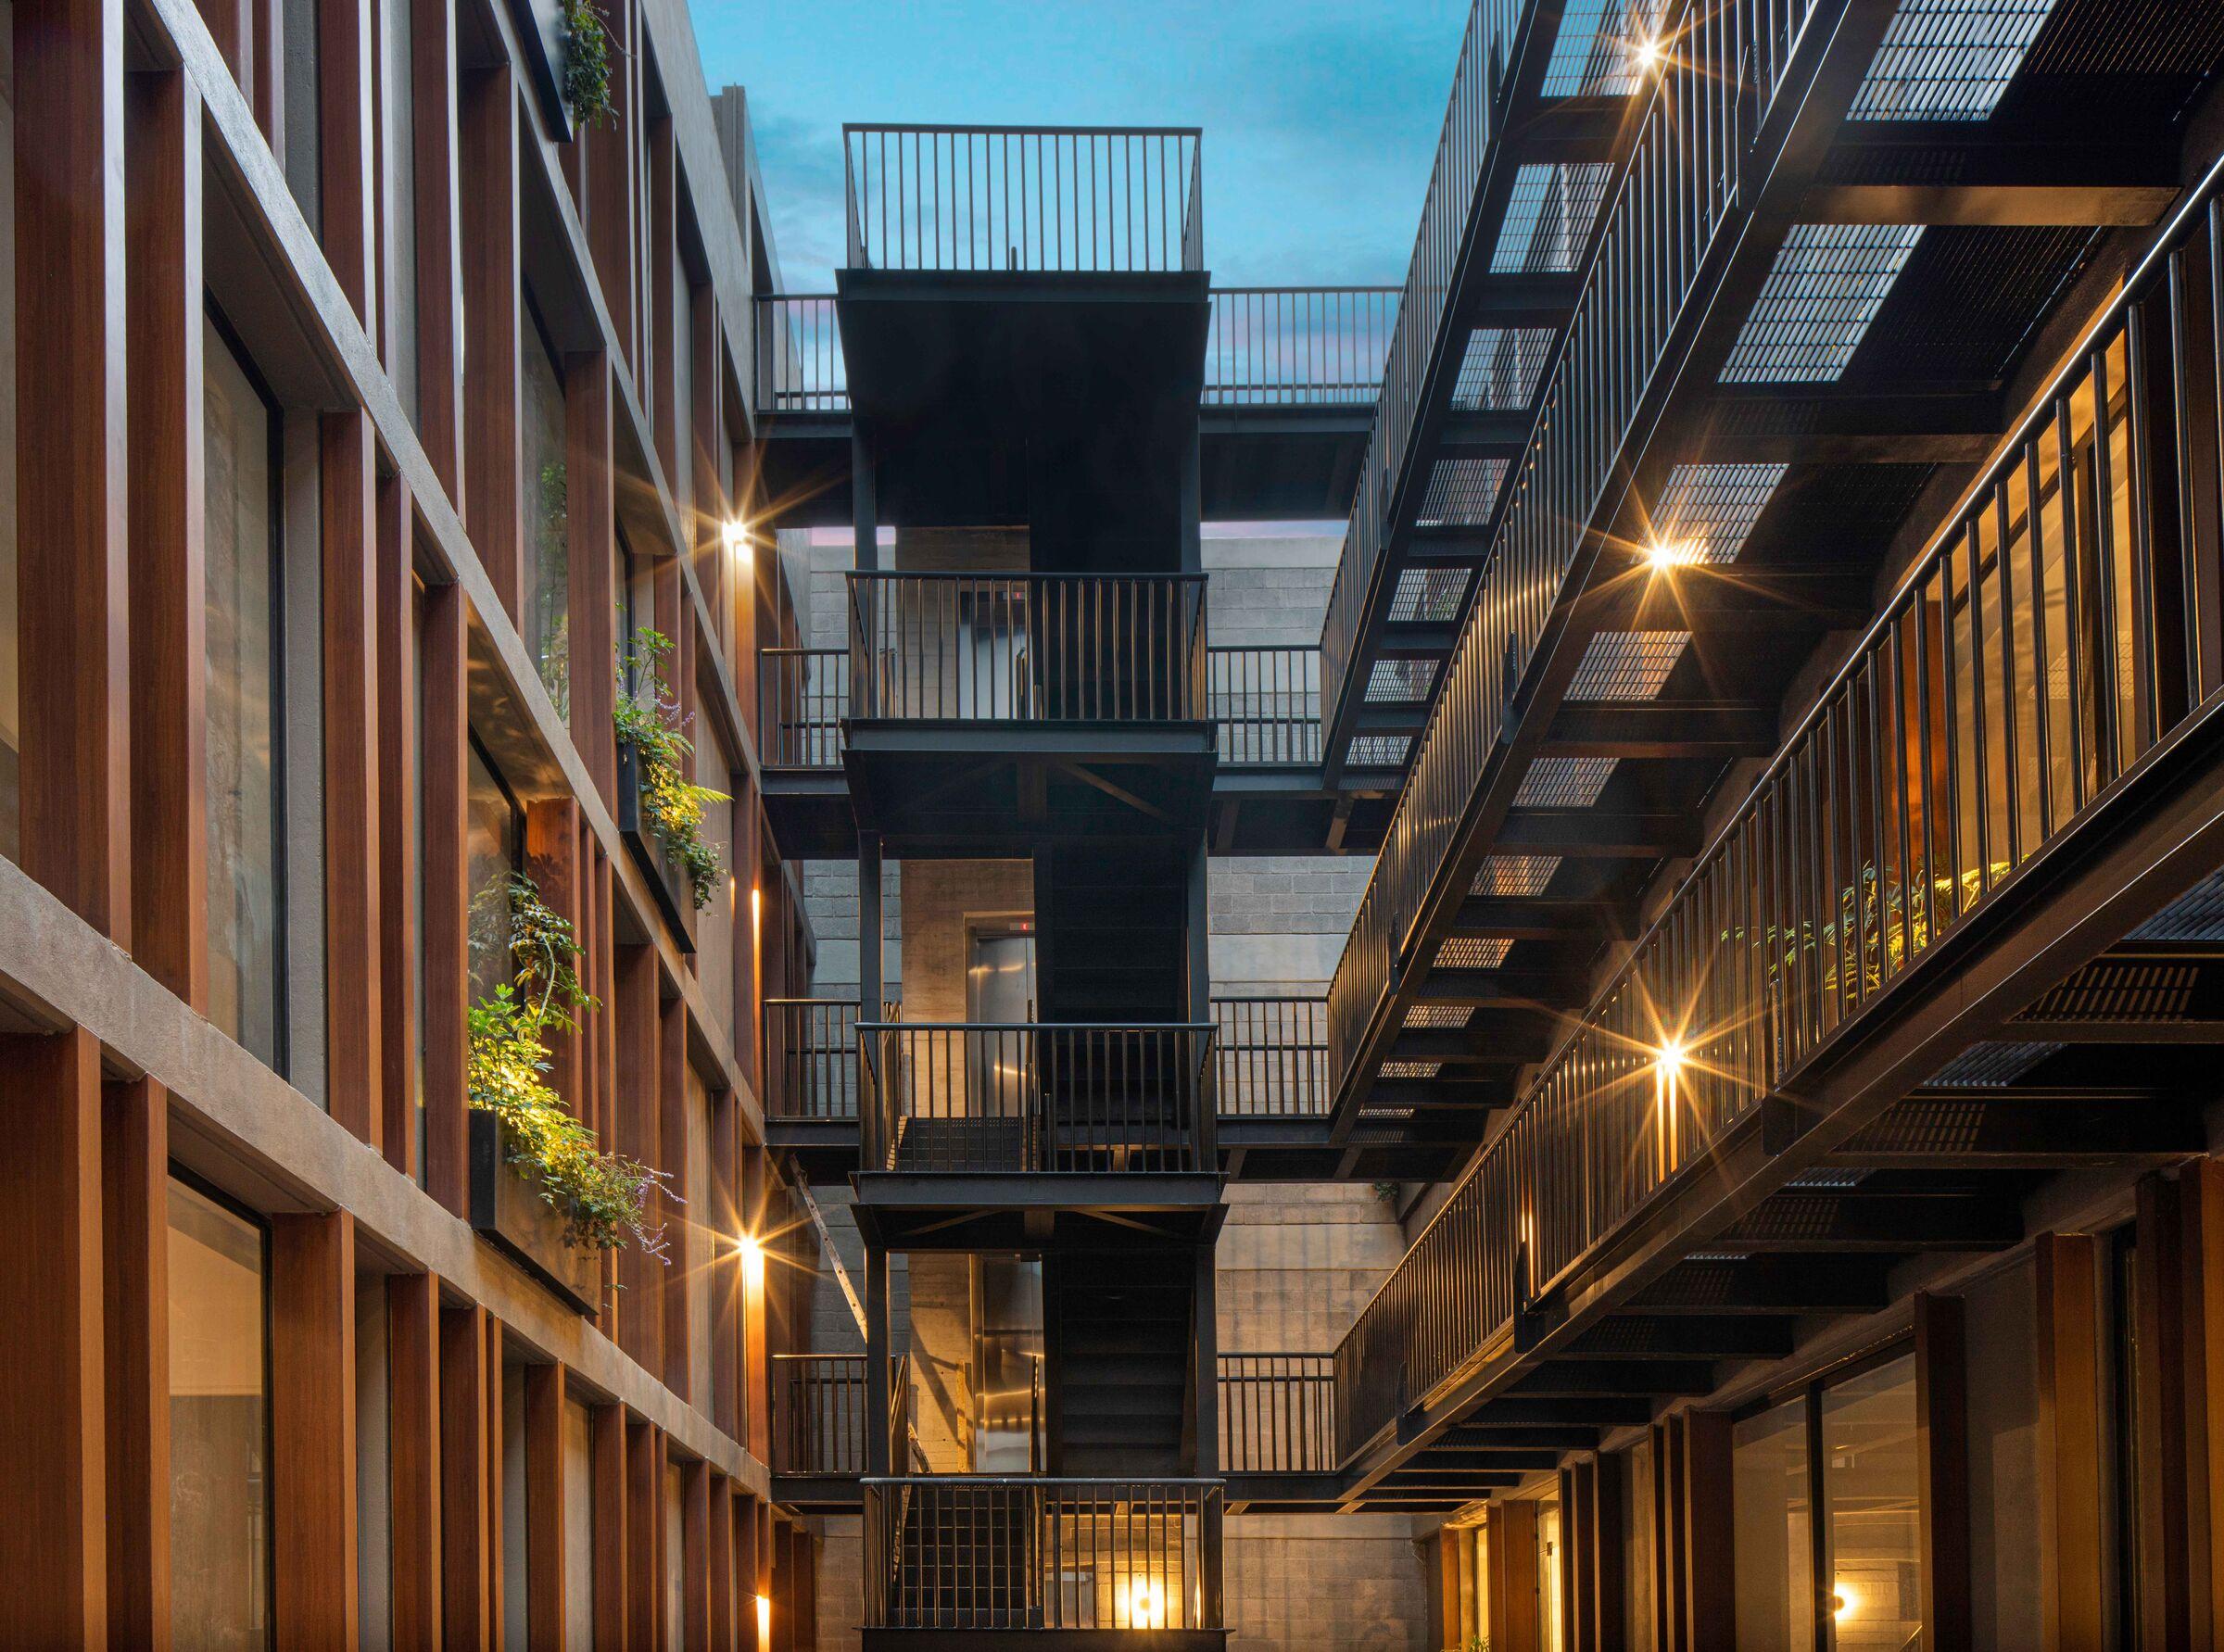 Cova07 by DF Arquitectos